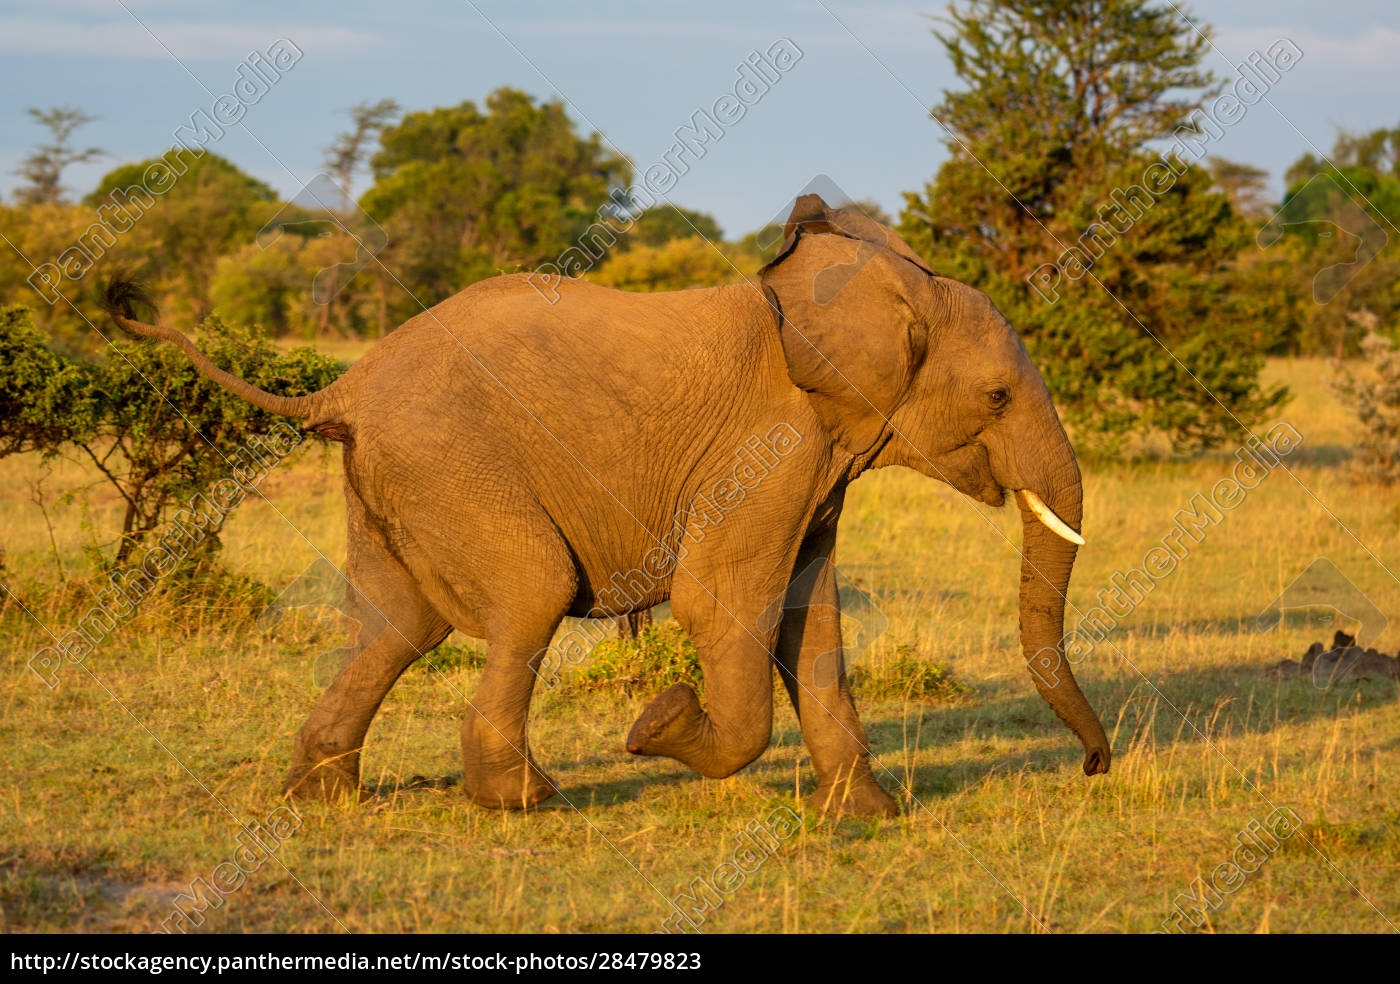 afrikanischer, elefant, rennt, an, büschen, in - 28479823